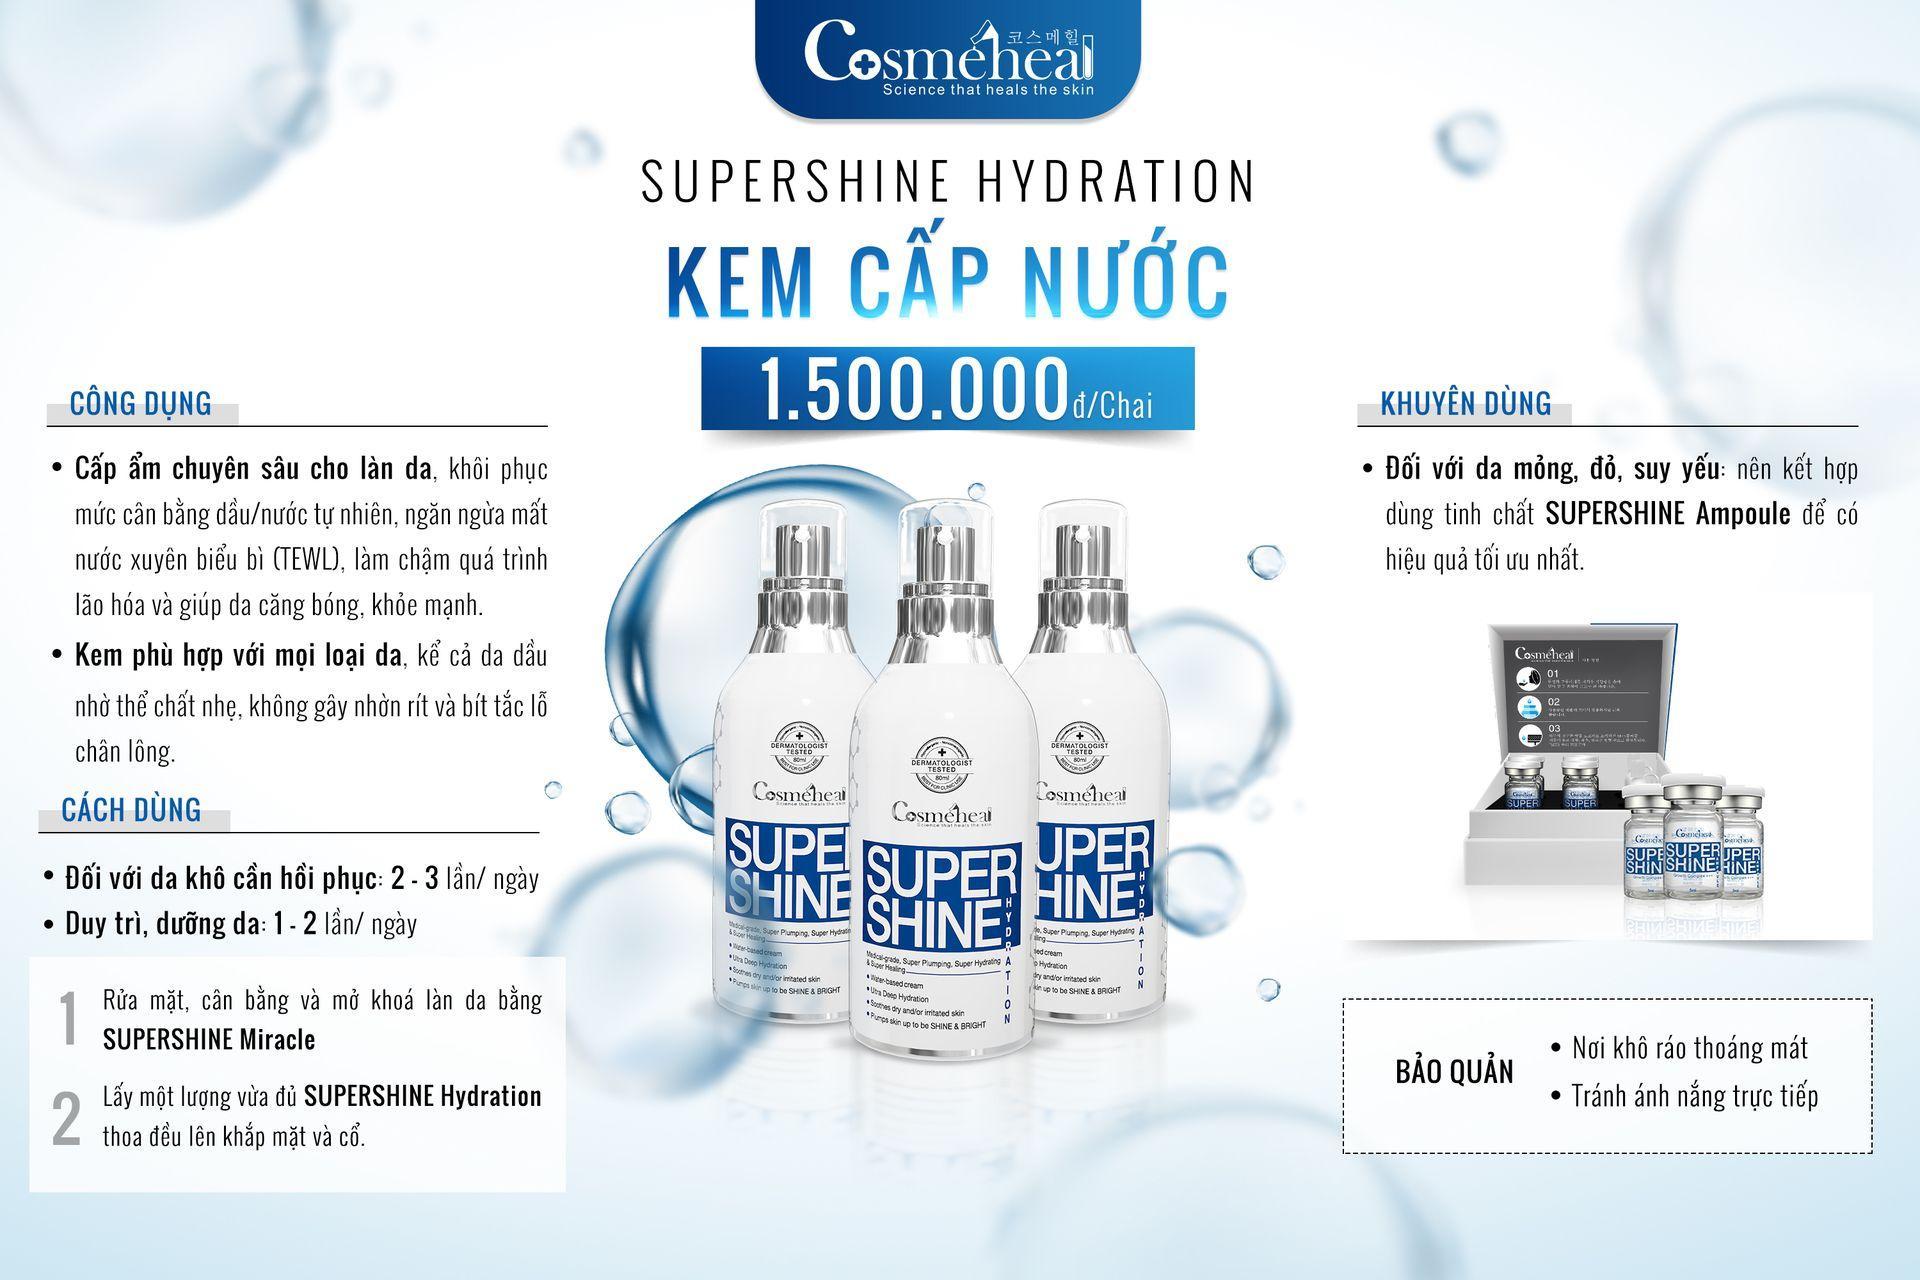 Combo Cosmeheal dành cho da khô gồm SRM không bọt và Kem cấp ẩm